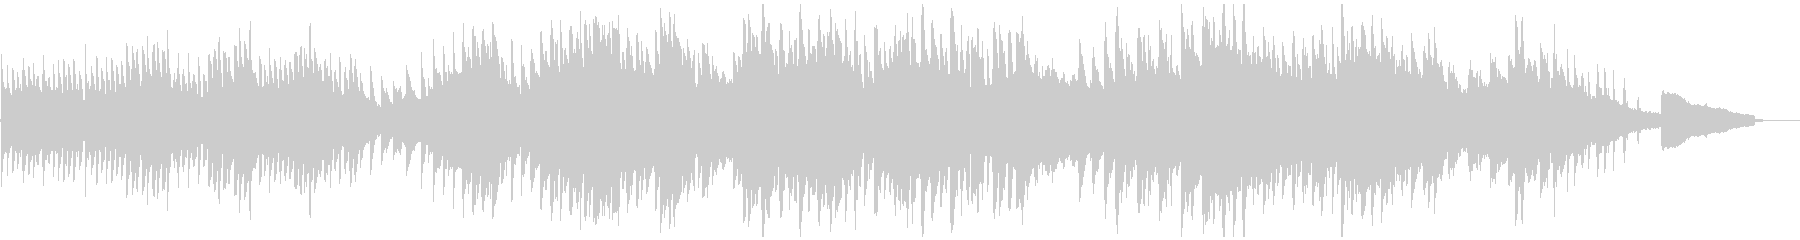 映像・ナレーション用ピアノ演奏(孤独)の未再生の波形